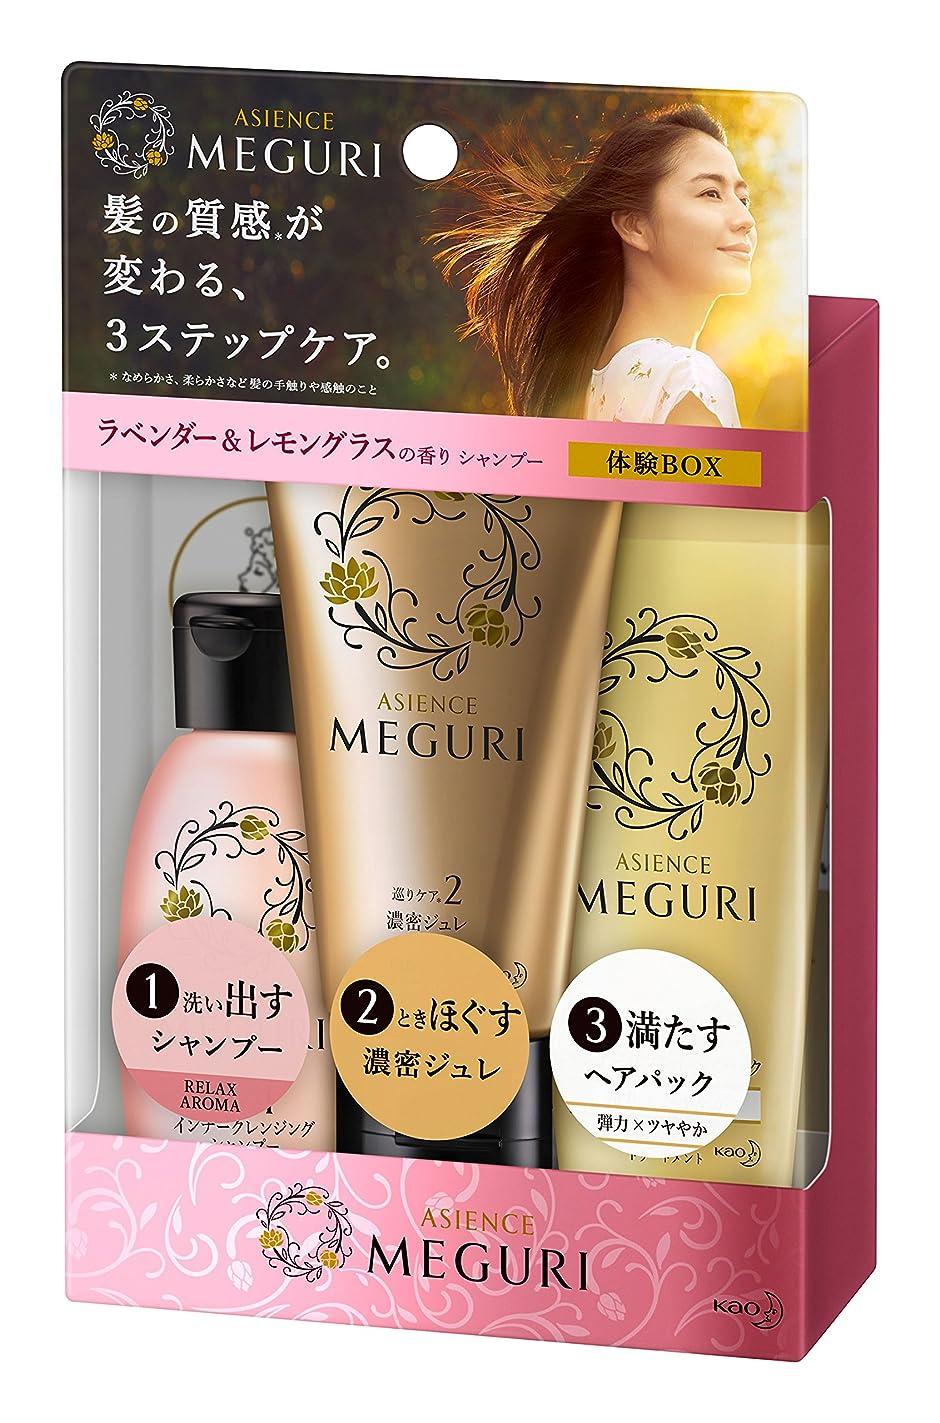 スケジュールヘビーアルカイック【ミニセット】アジエンス MEGURI 体験BOX RELAX 145g